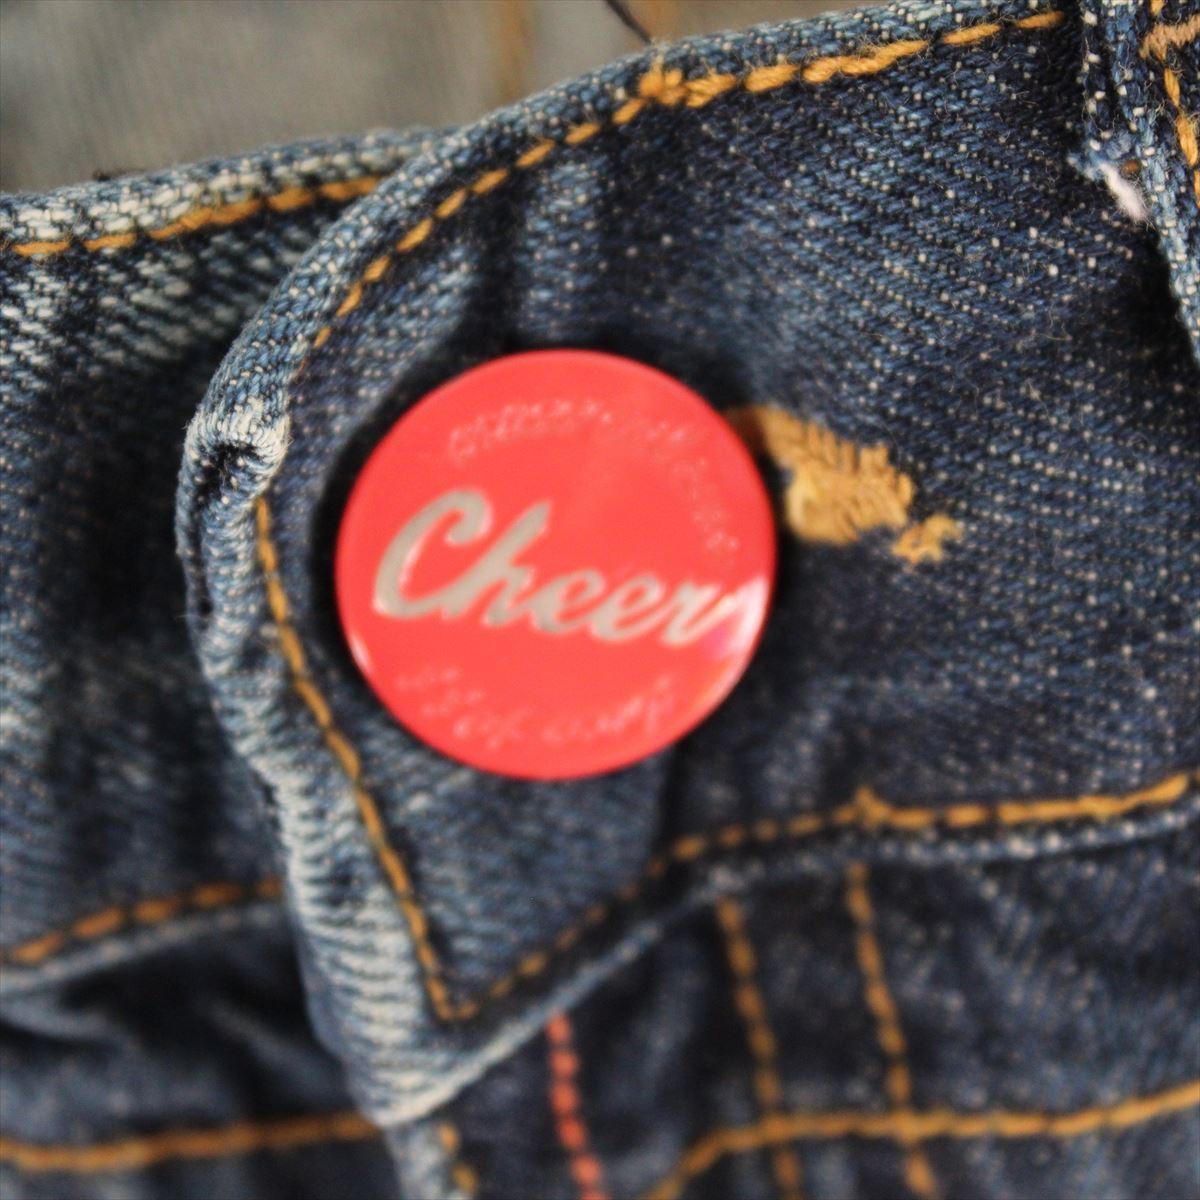 クロスカラーズ CROSS COLOURS CHEER レディースデニムパンツ ジーンズ 25インチ 新品 CL0620068_cheer 赤ボタン